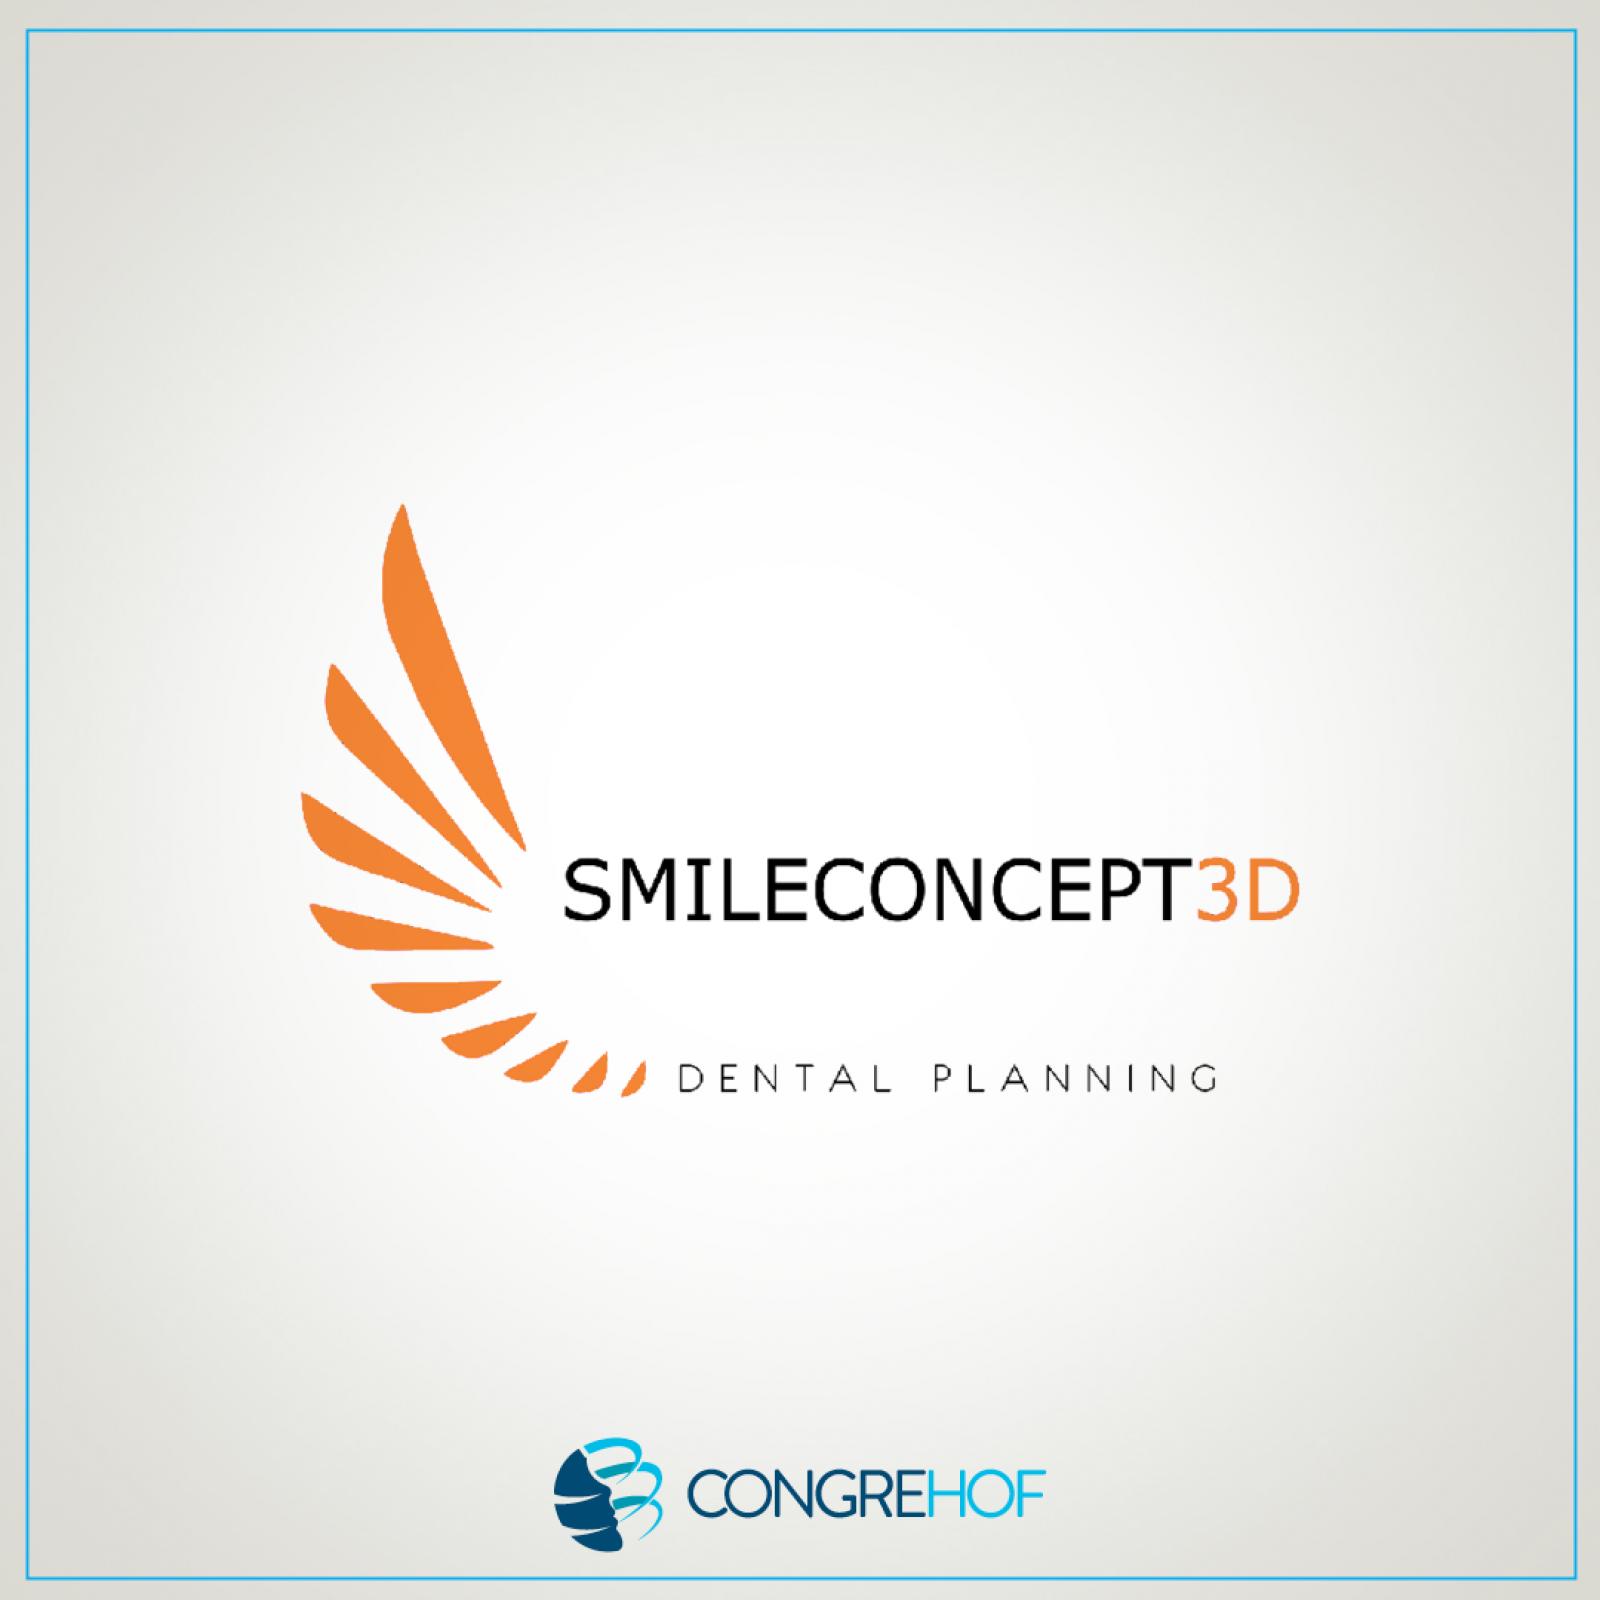 SMILECONCEPT3D